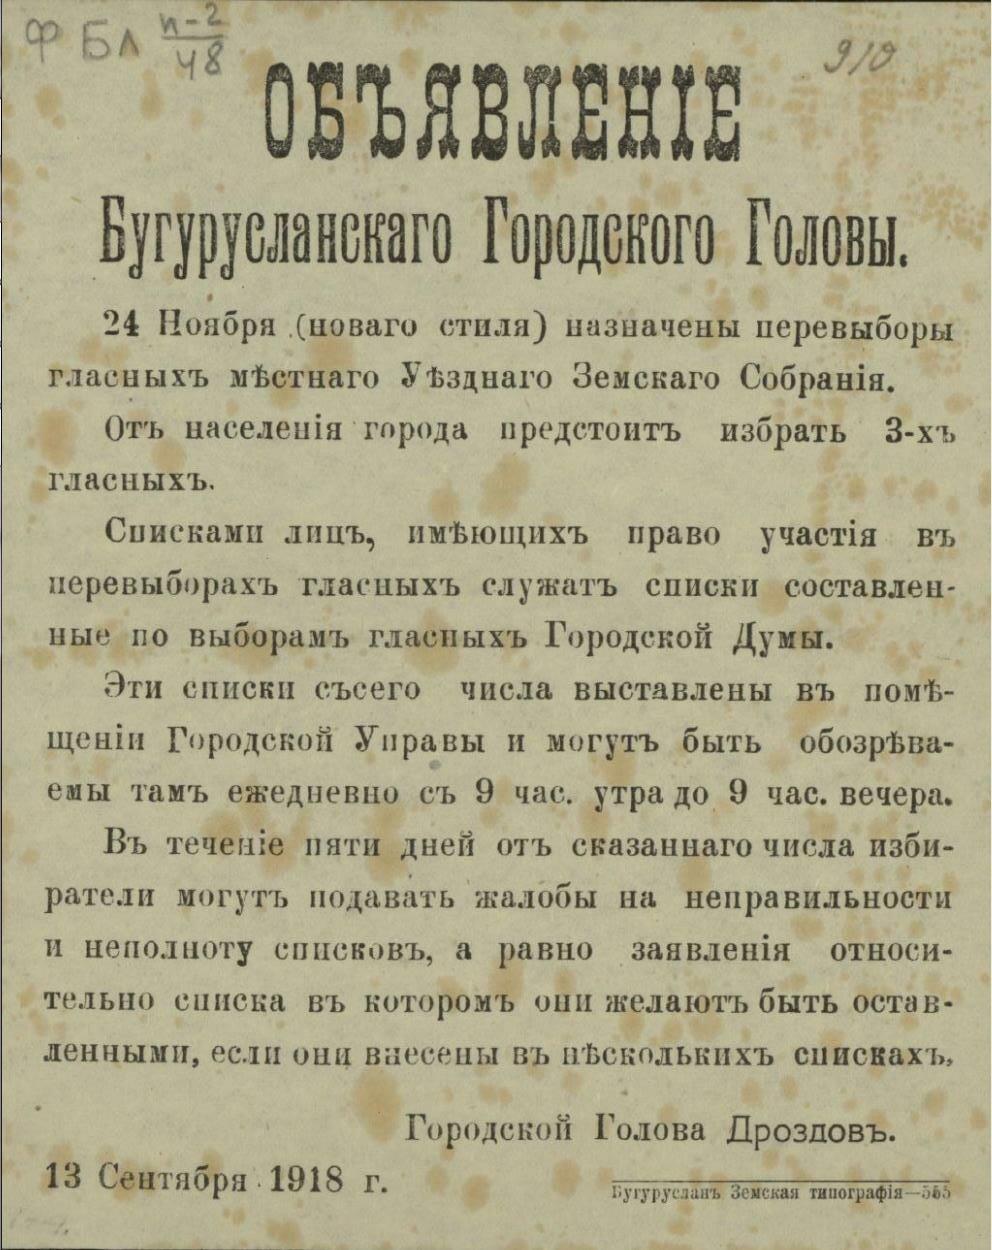 1918. Объявление Бугурусланского Городского Головы